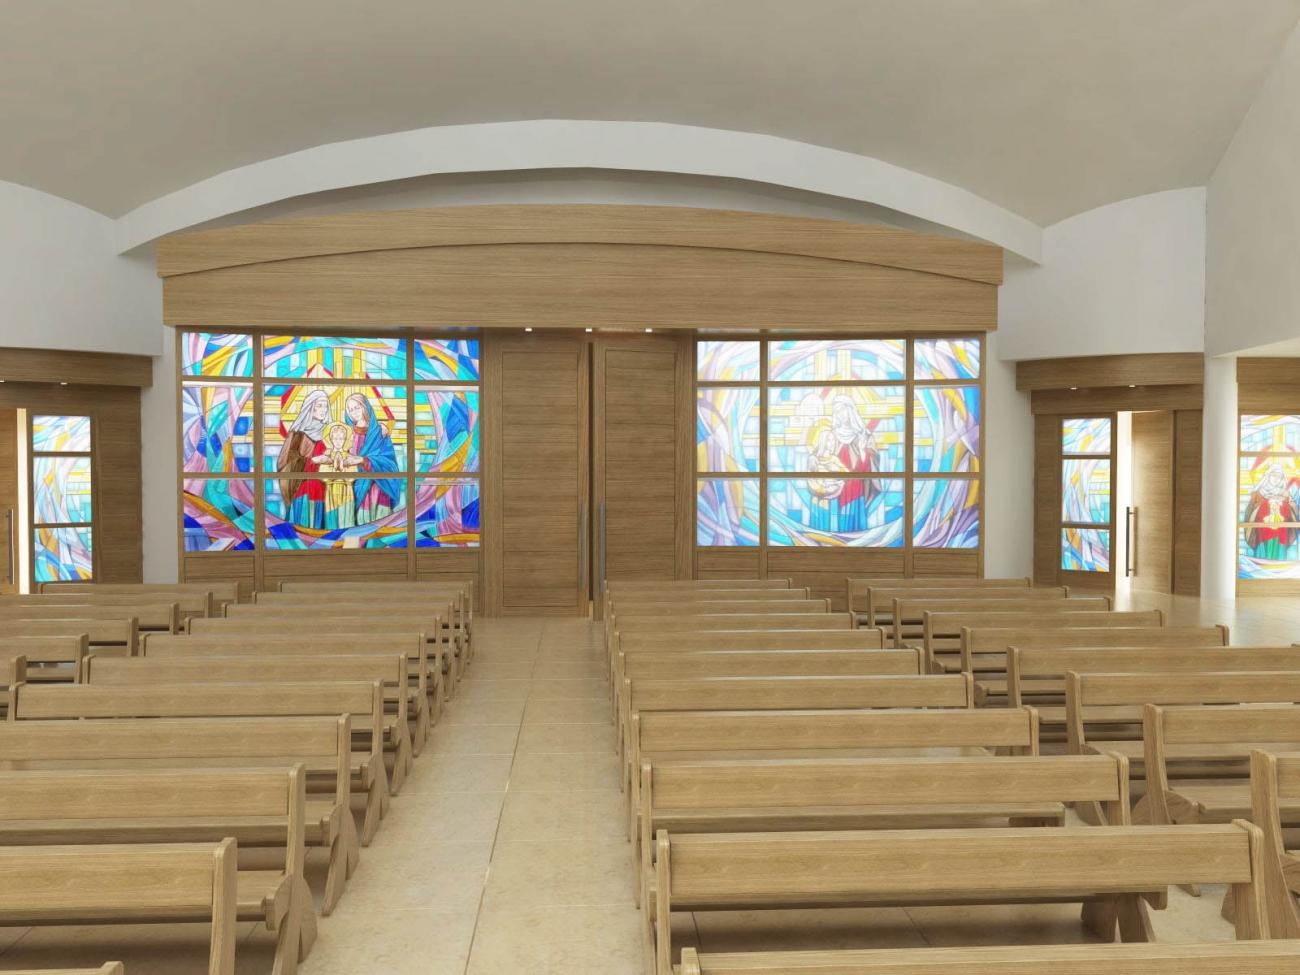 Bussola antiporta rapallo porte e bussole per chiesa in for Arredamento da esterno moderno